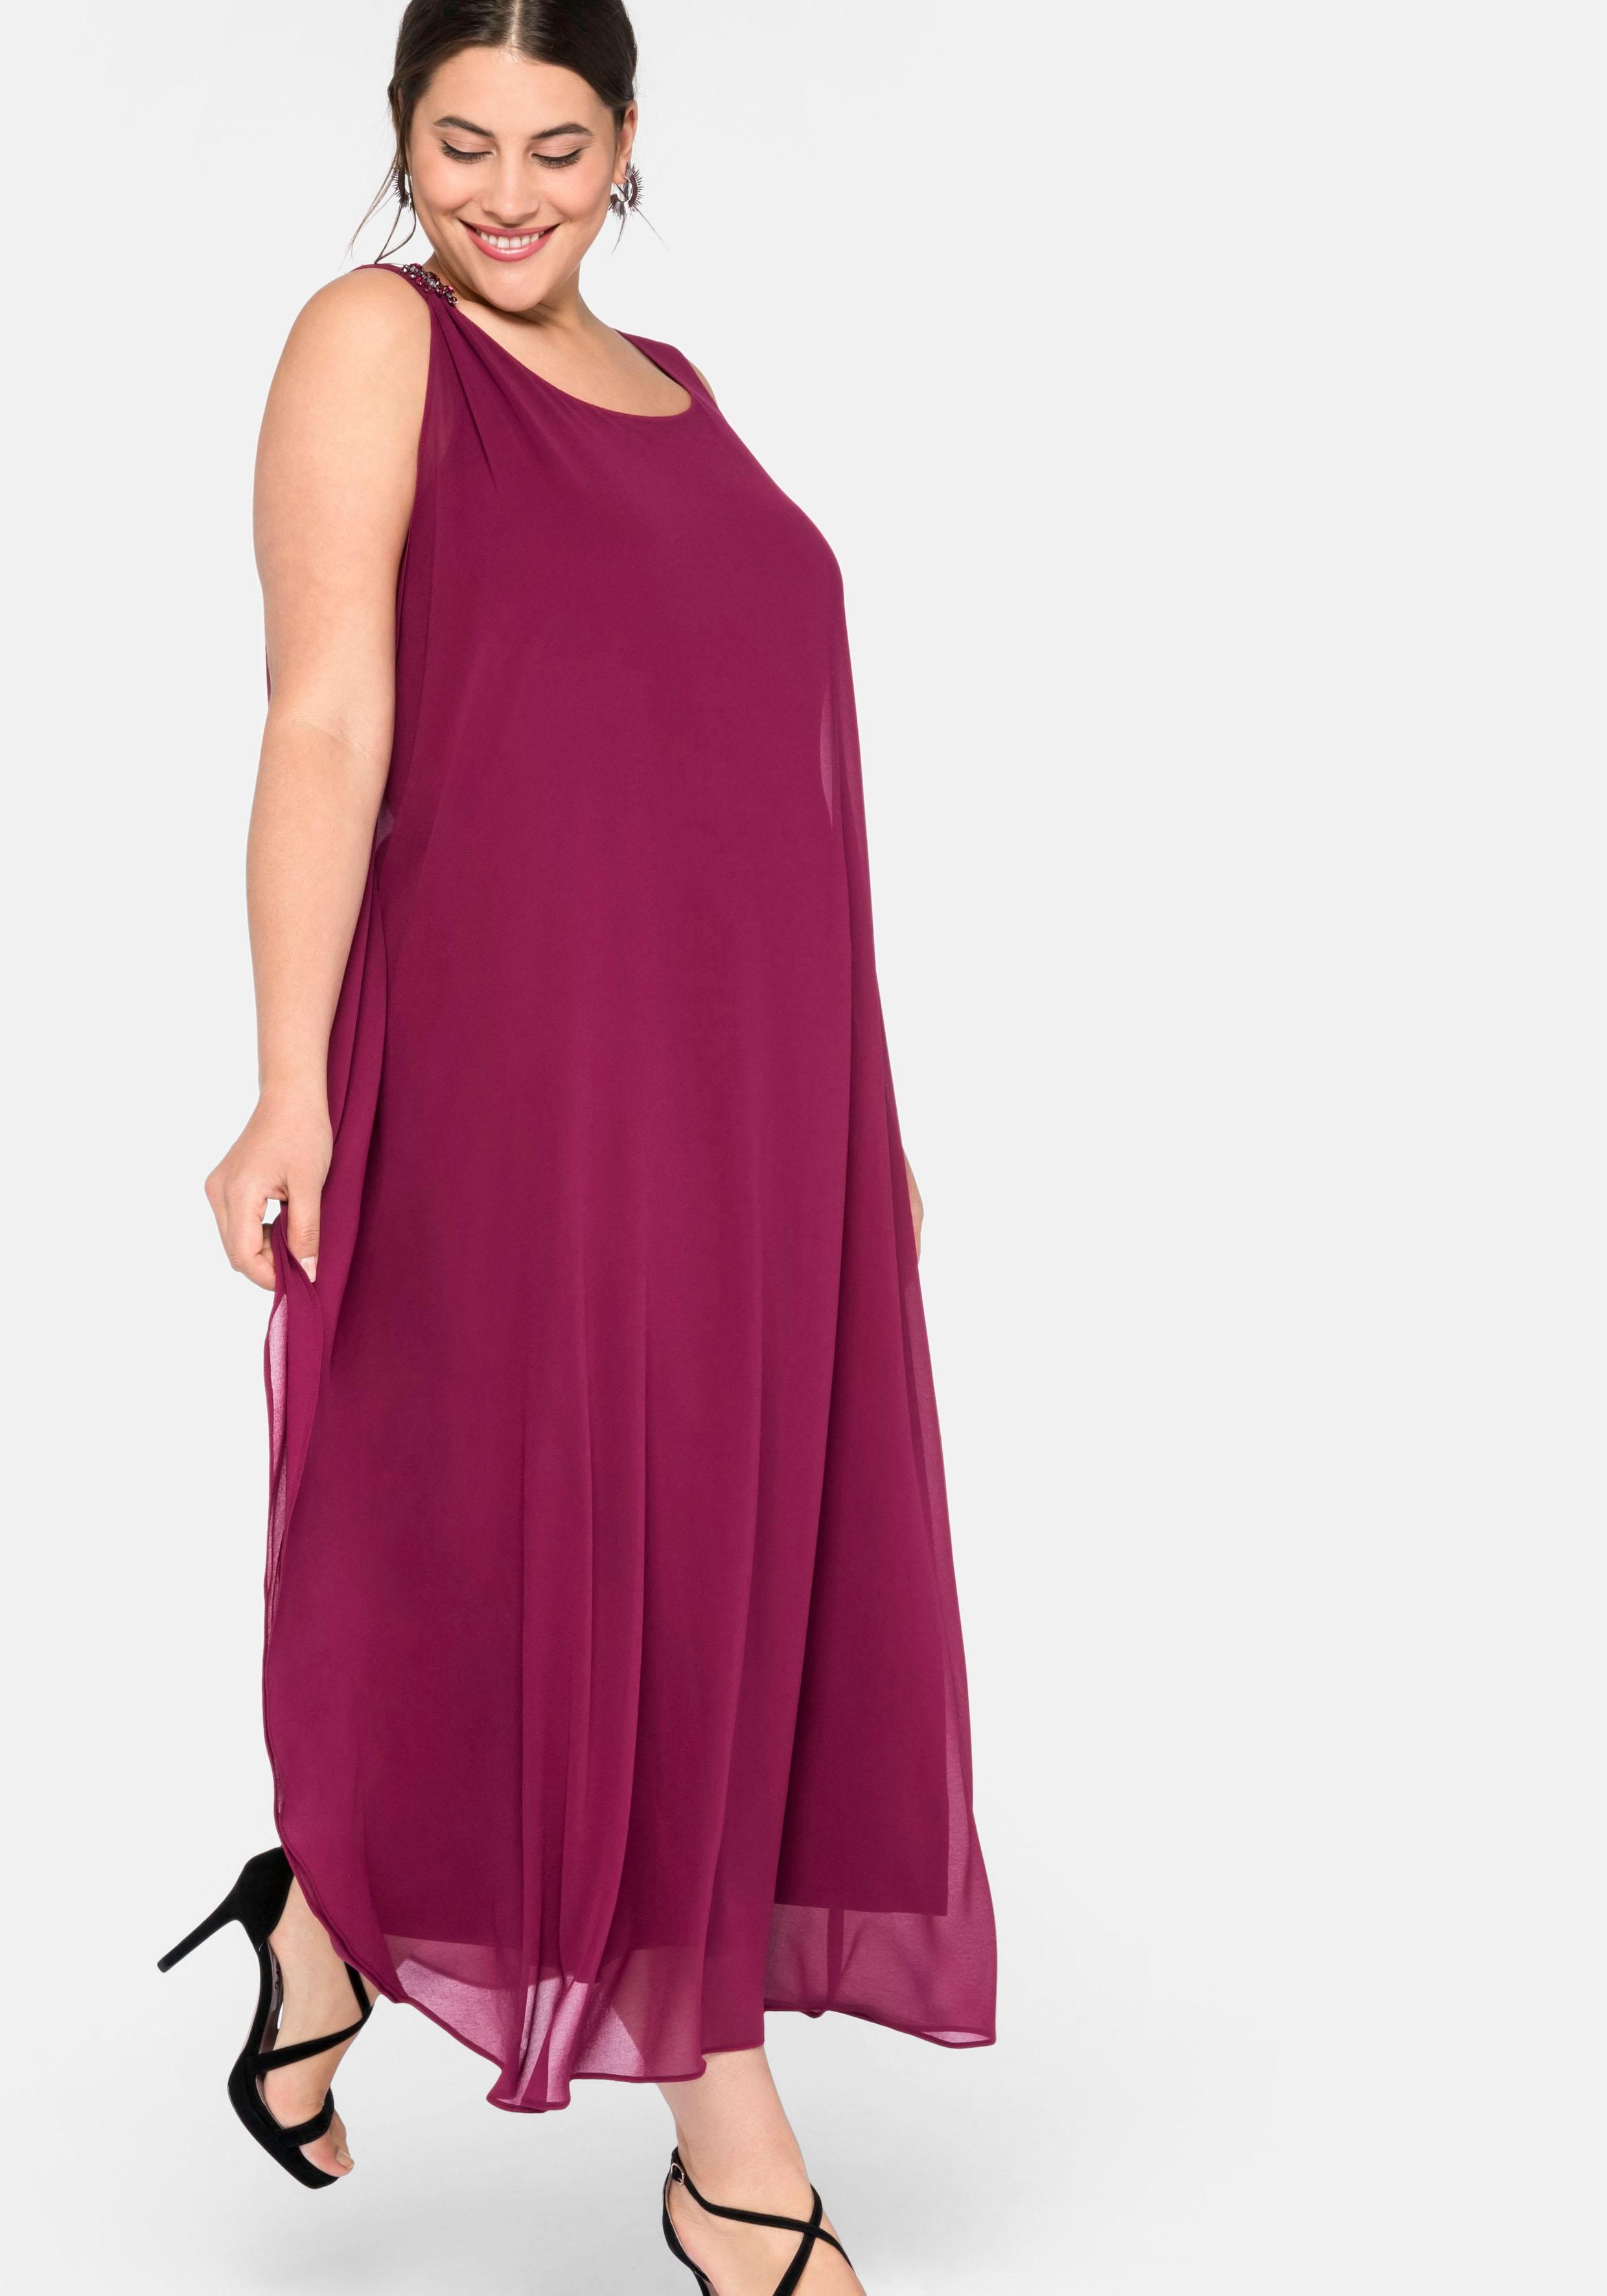 himbeere sonstige kleider für damen online kaufen